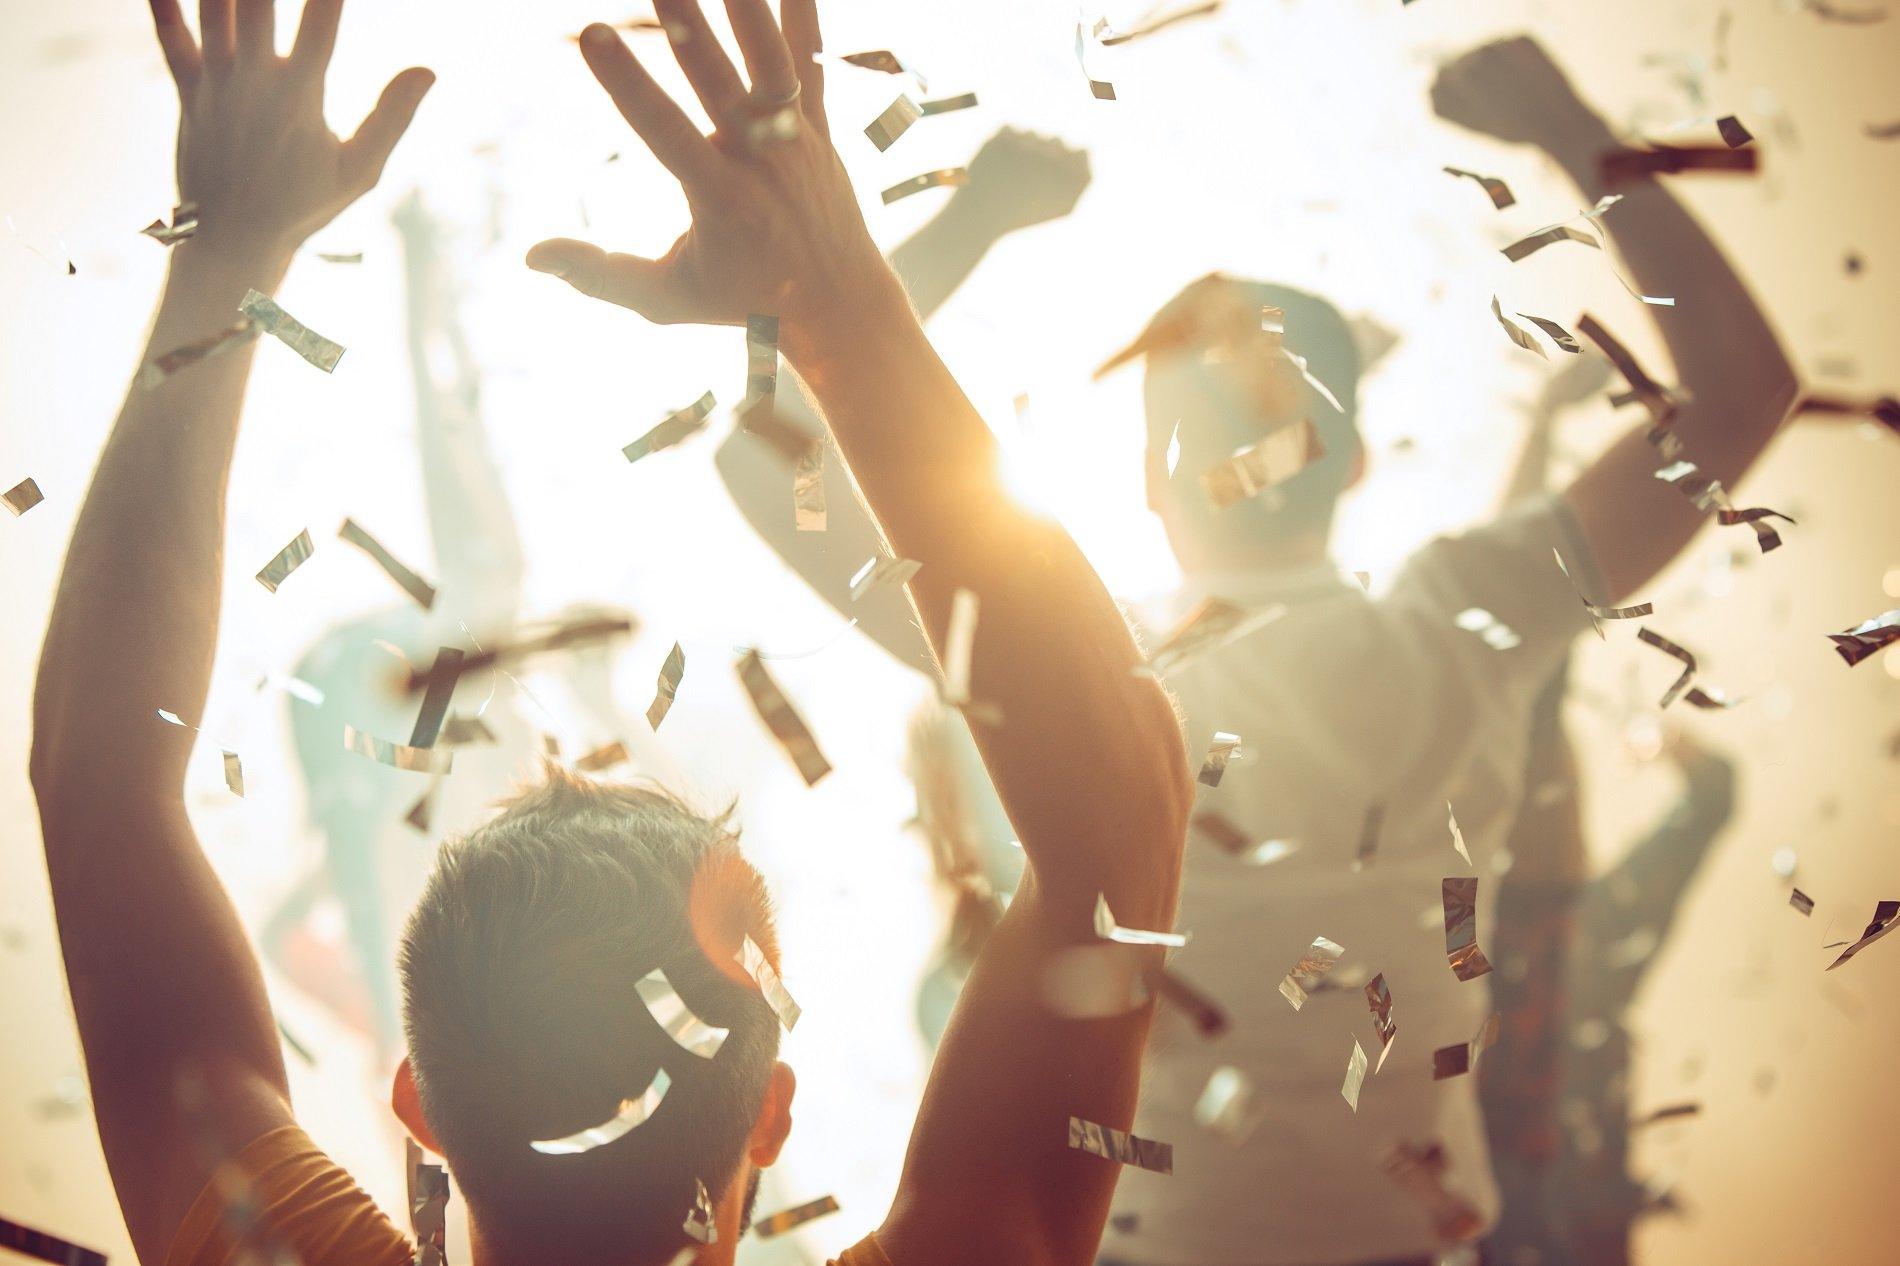 CLASSIFICA DANCE DICEMBRE 2020 MUSICA DANCE DICEMBRE 2020